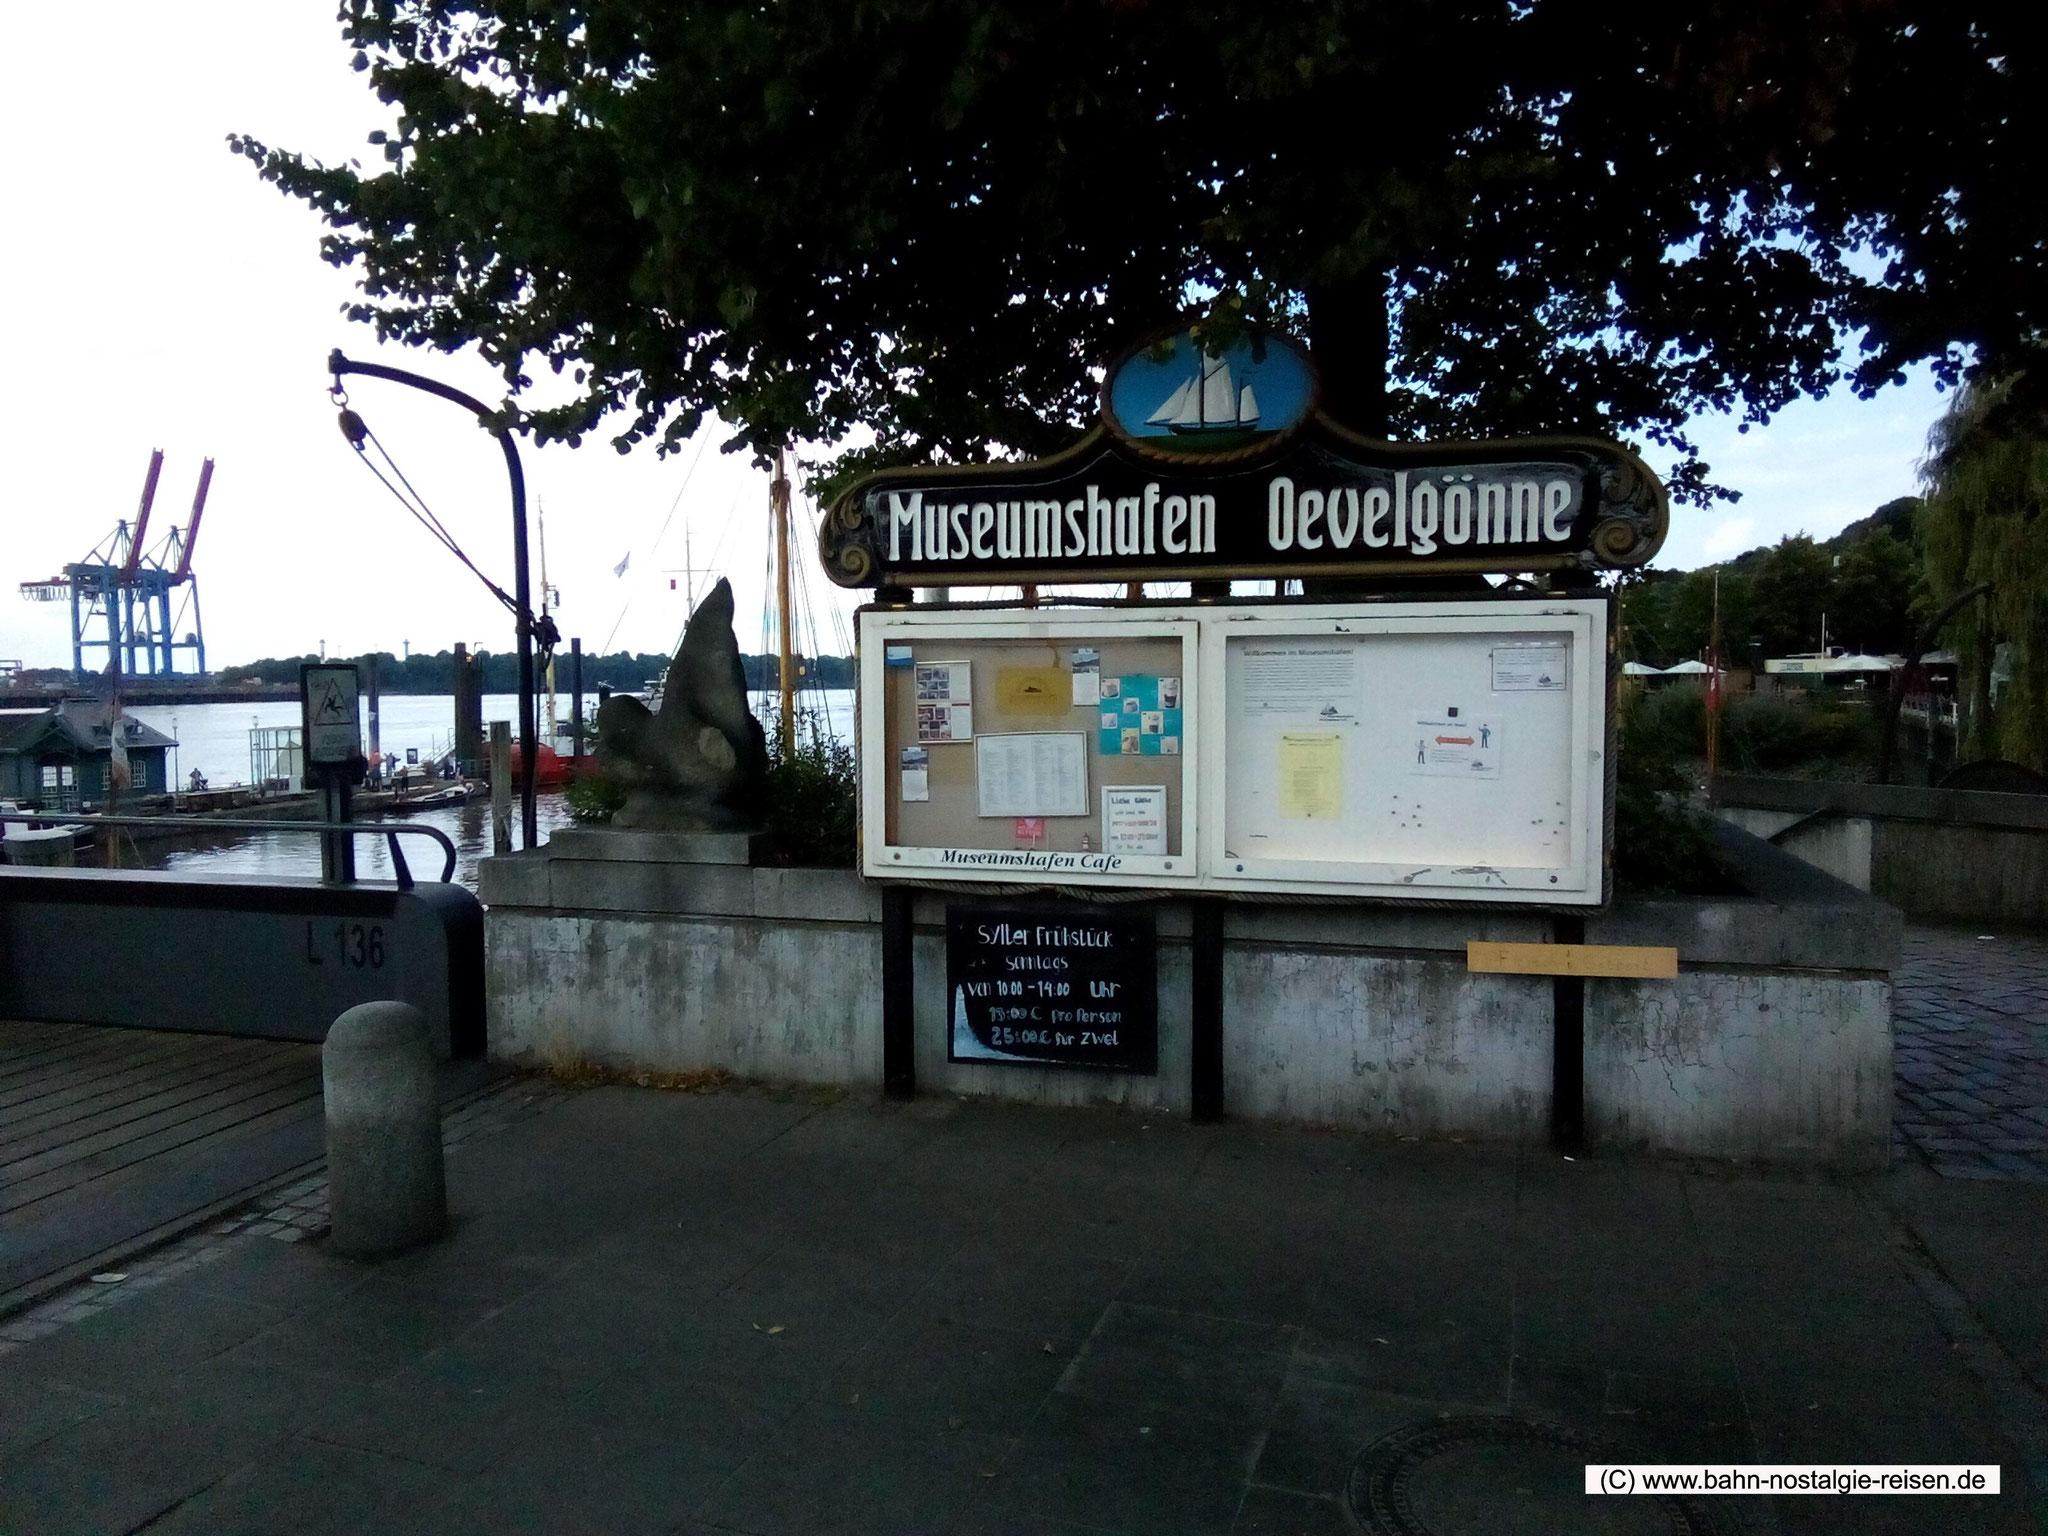 Der Museumshafen Oevelgönne